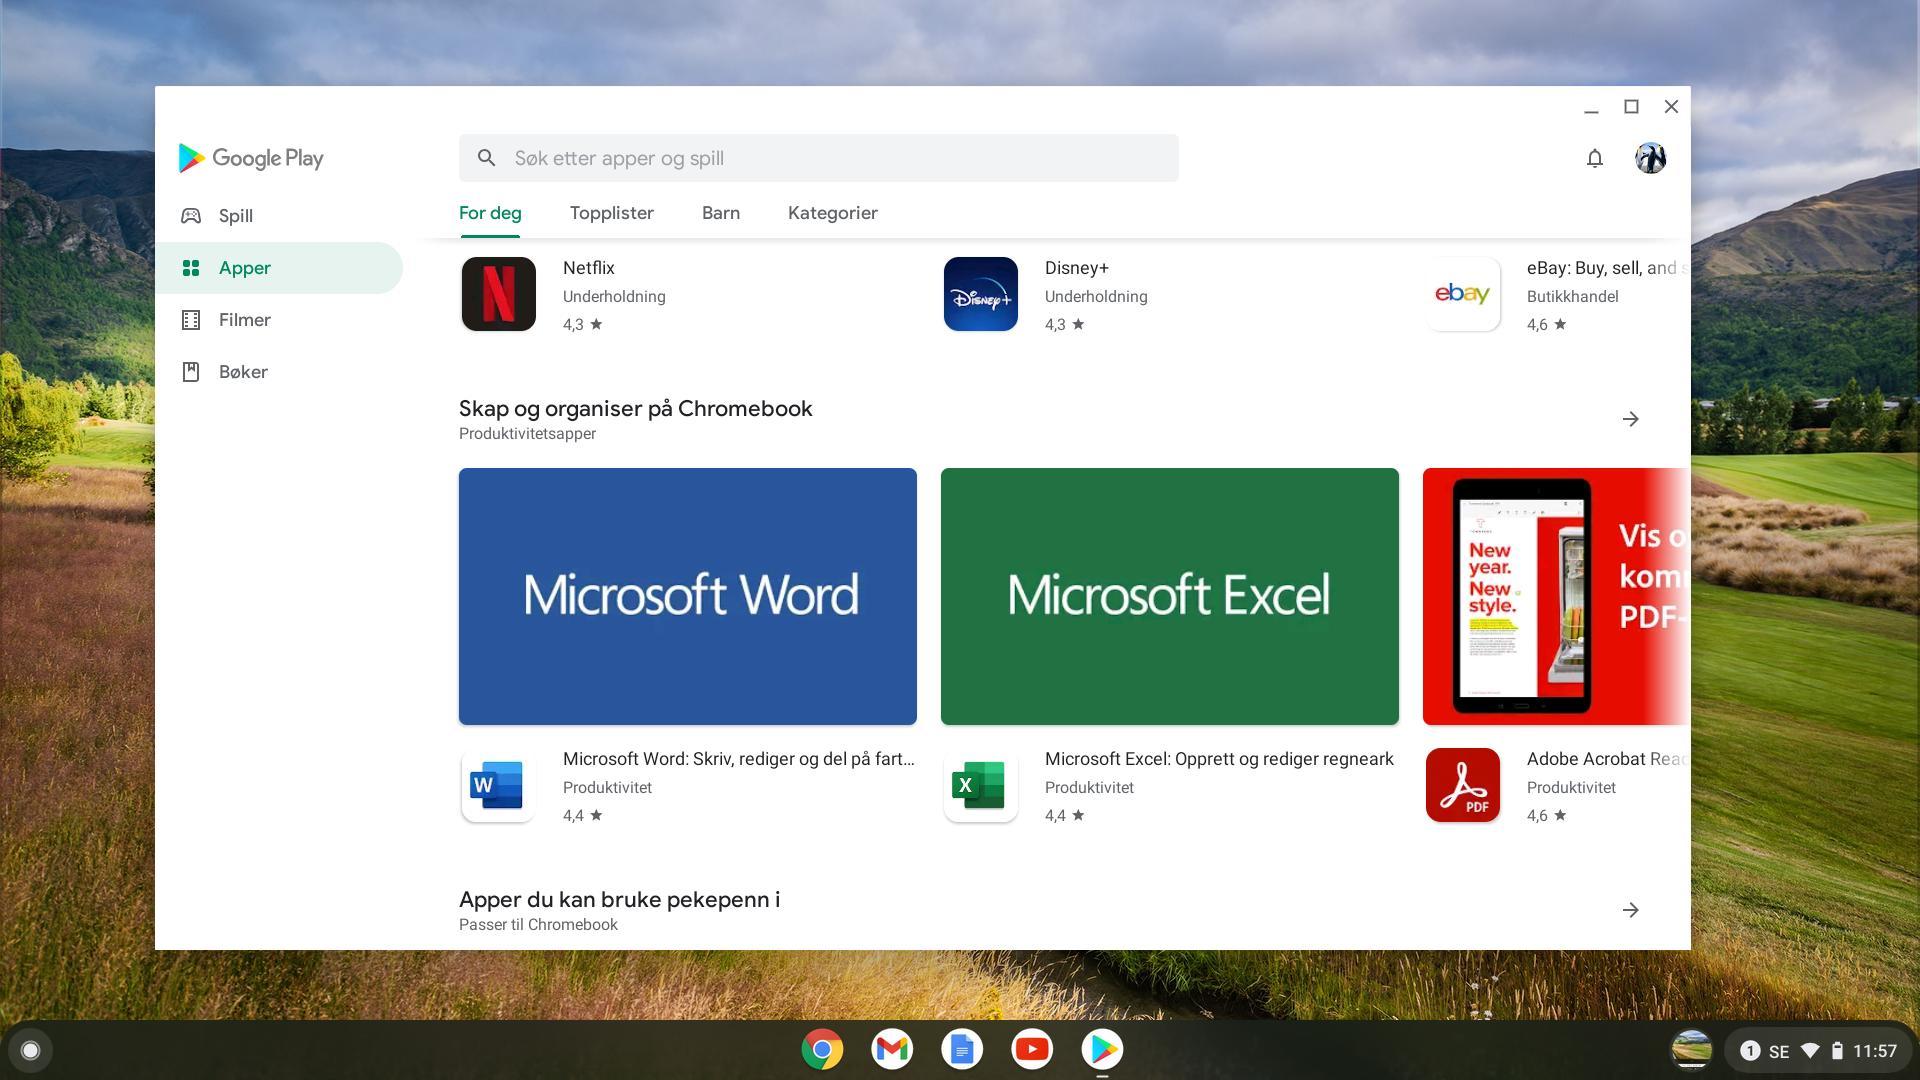 Fra Google PlayStore kan du hente ned apper, dersom du ikke bare vil bruke tjenester direkte via nettleseren Chrome.